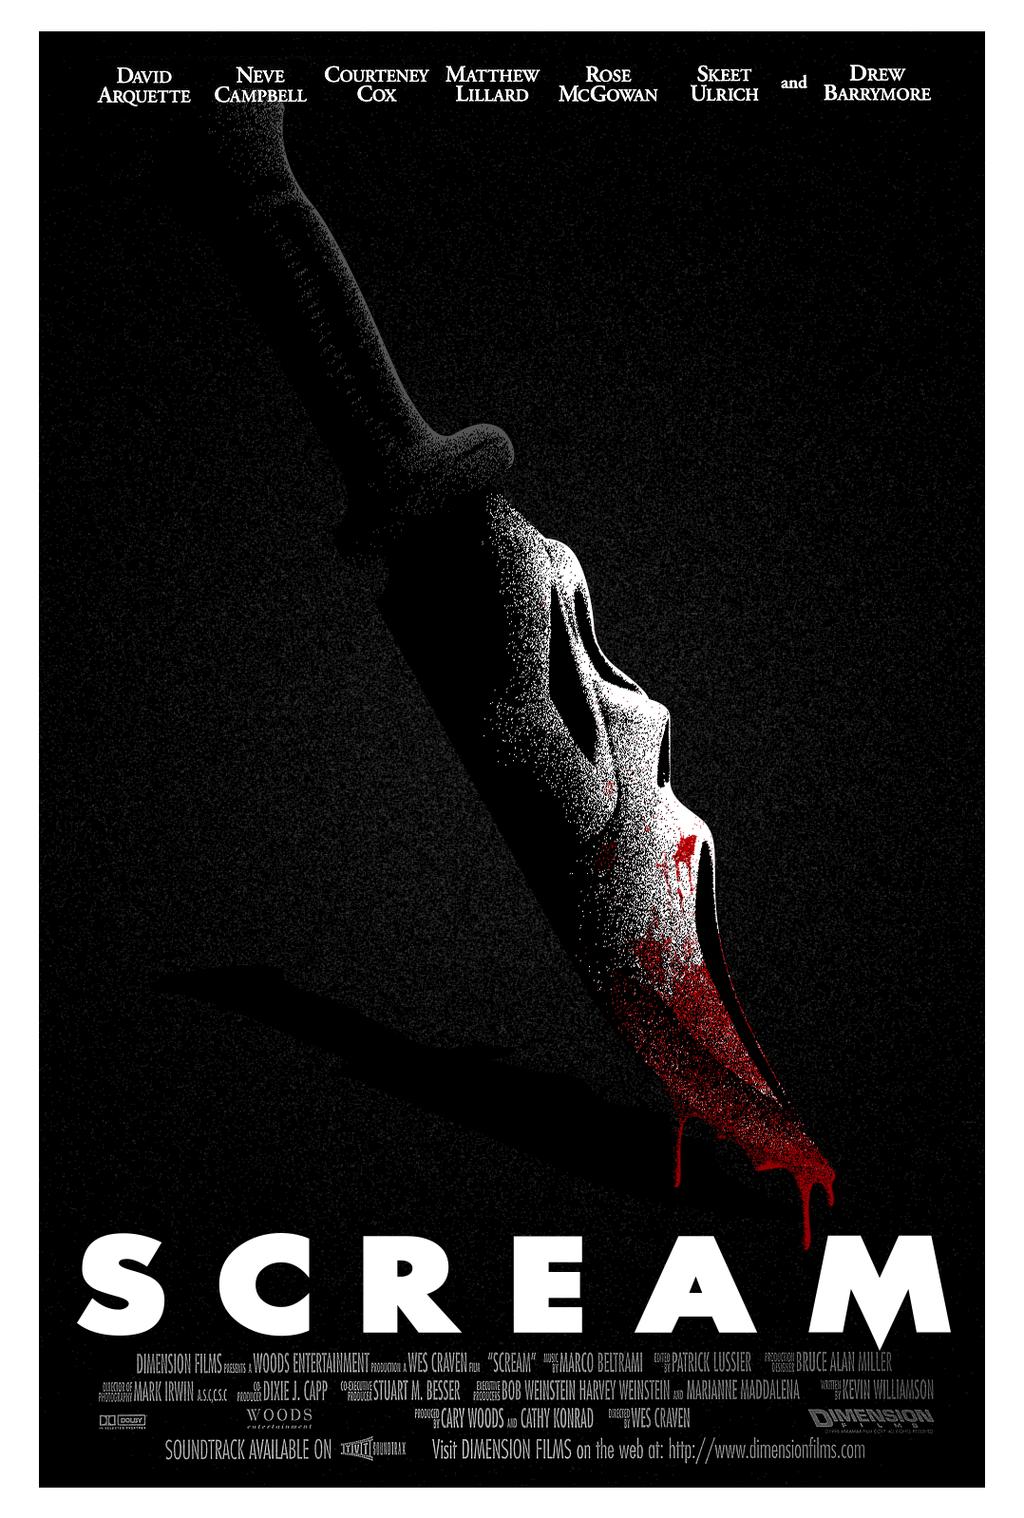 Scream Poster Remade By Samraw08 On Deviantart Scream Movie Best Movie Posters Best Horror Movies